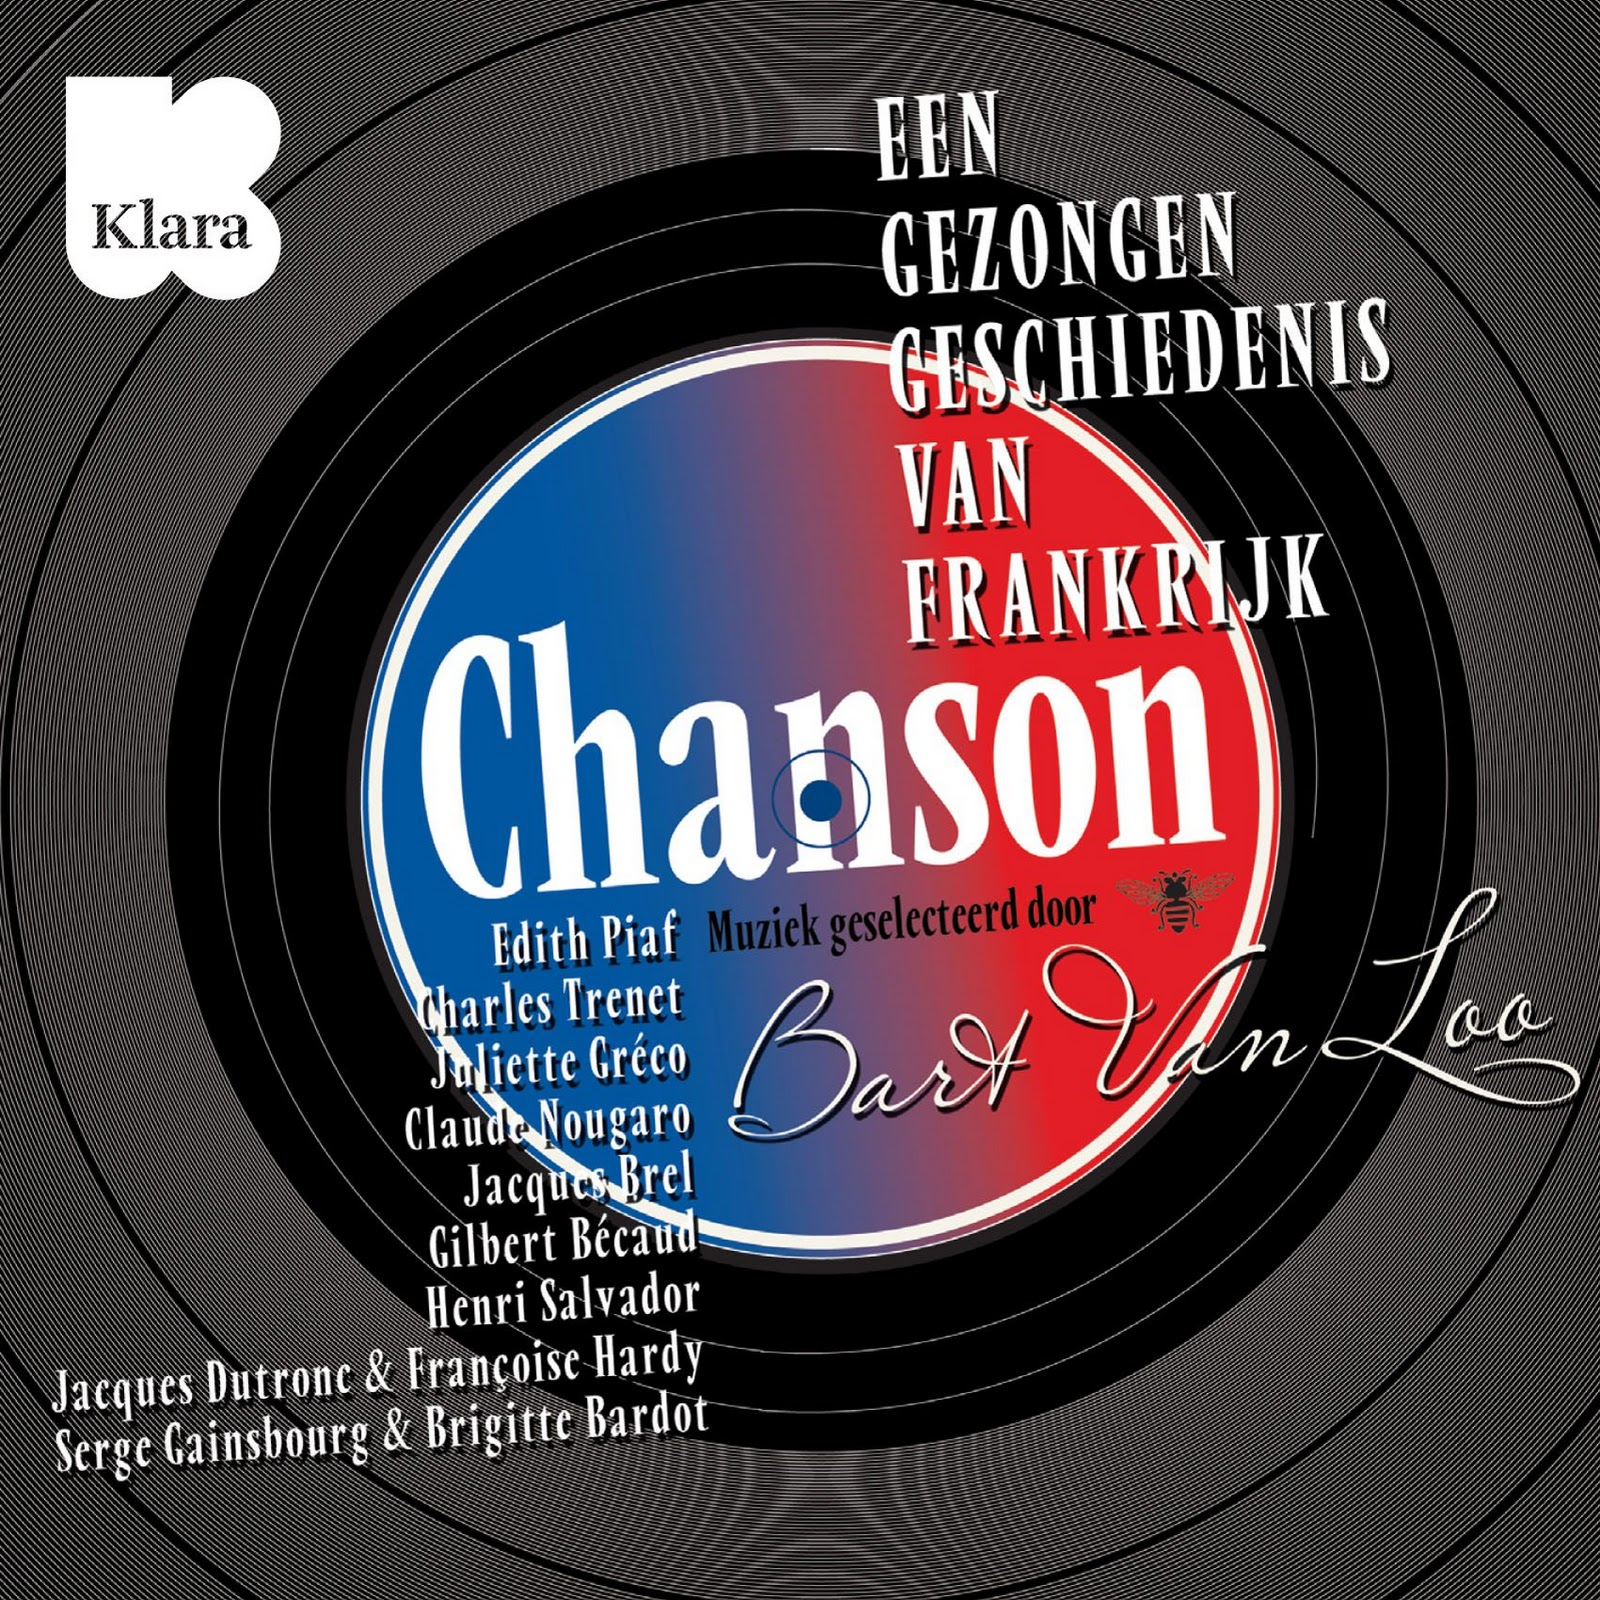 http://2.bp.blogspot.com/-fUzzKZVxASY/To1kfTHrL5I/AAAAAAAABsI/6Uvw_nRQtyk/s1600/Various_Chanson+Een+Gezongen+Geschiedenis+van+Frankrijk_KLARA.jpg